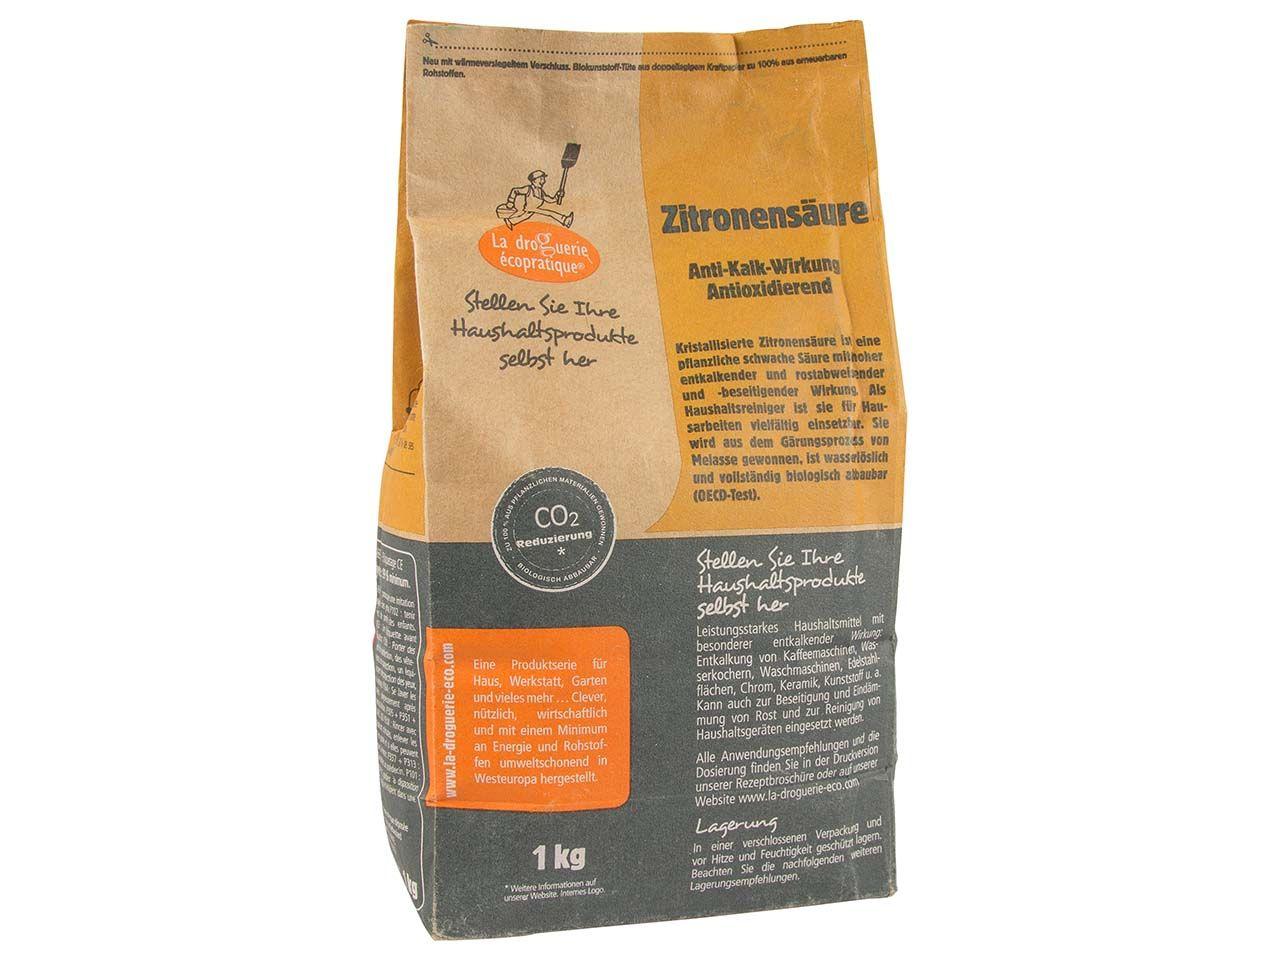 Zitronensäure-Kalklöser 1 kg DOEU012